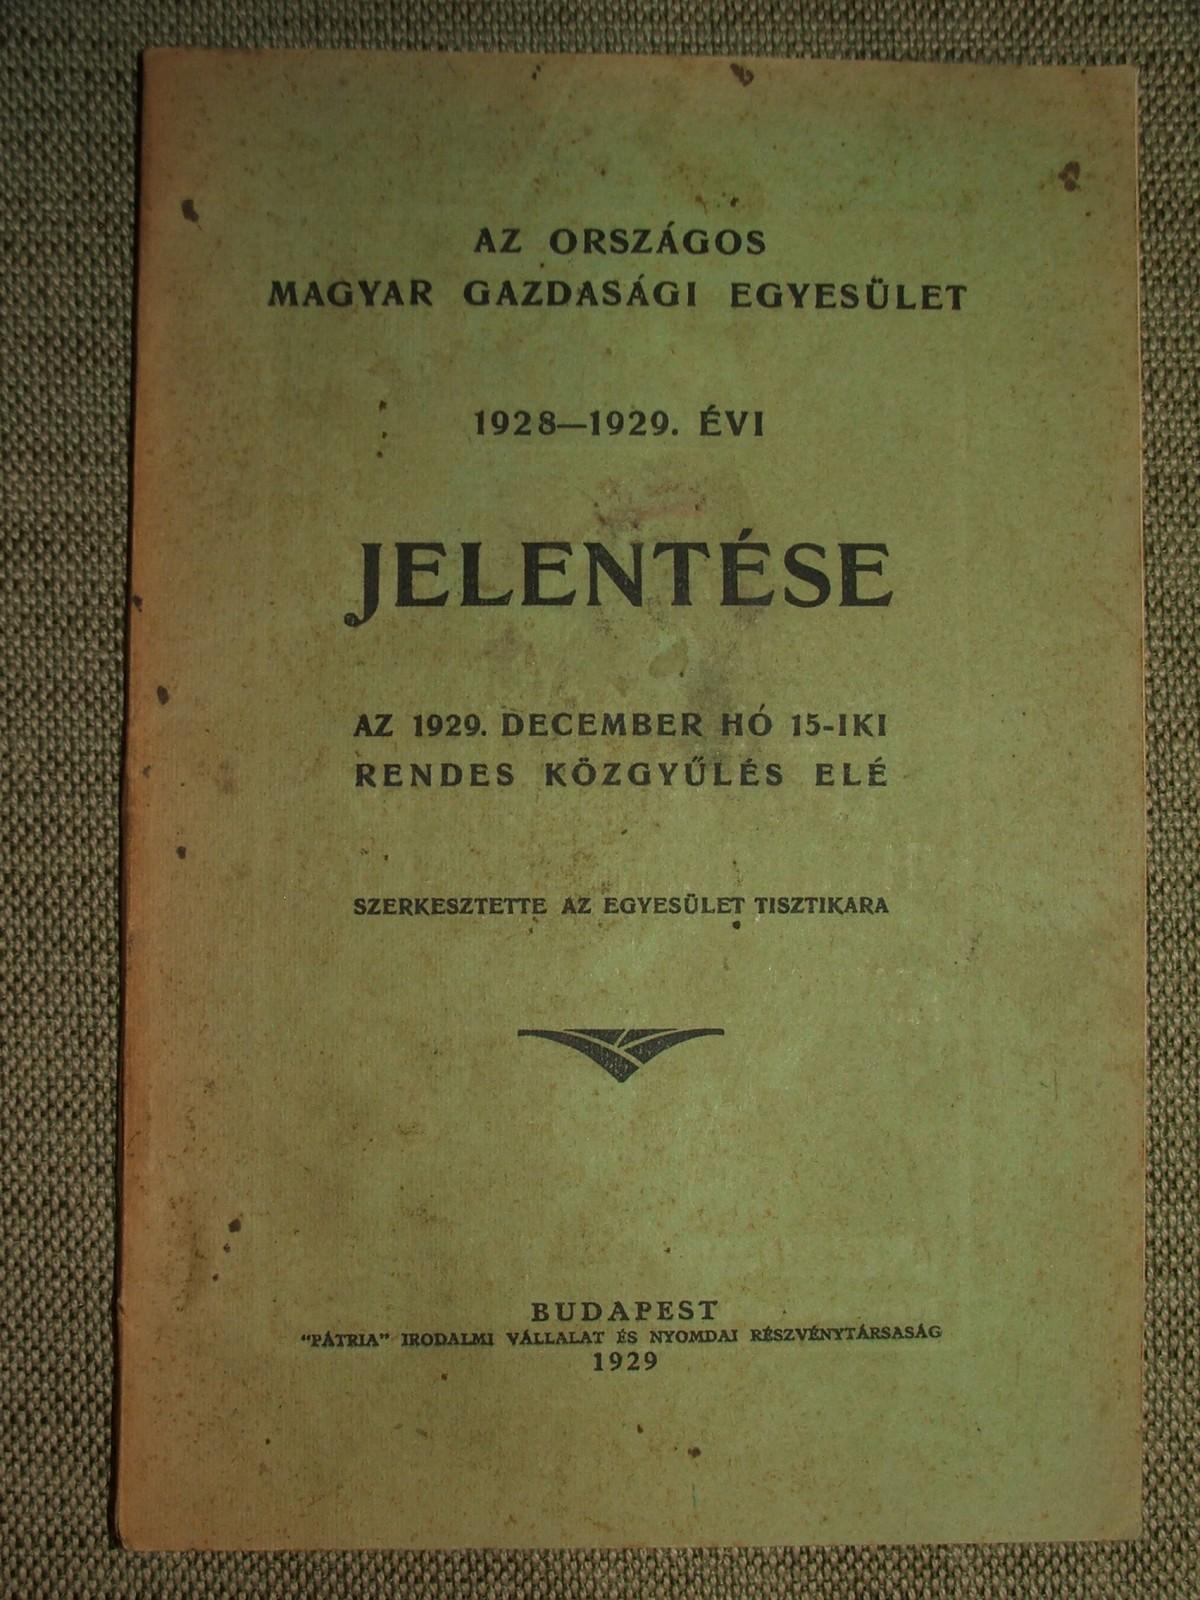 JELENTÉS: Az Országos Magyar Gazdasági Egyesület 1928 – 1929. évi jelentése